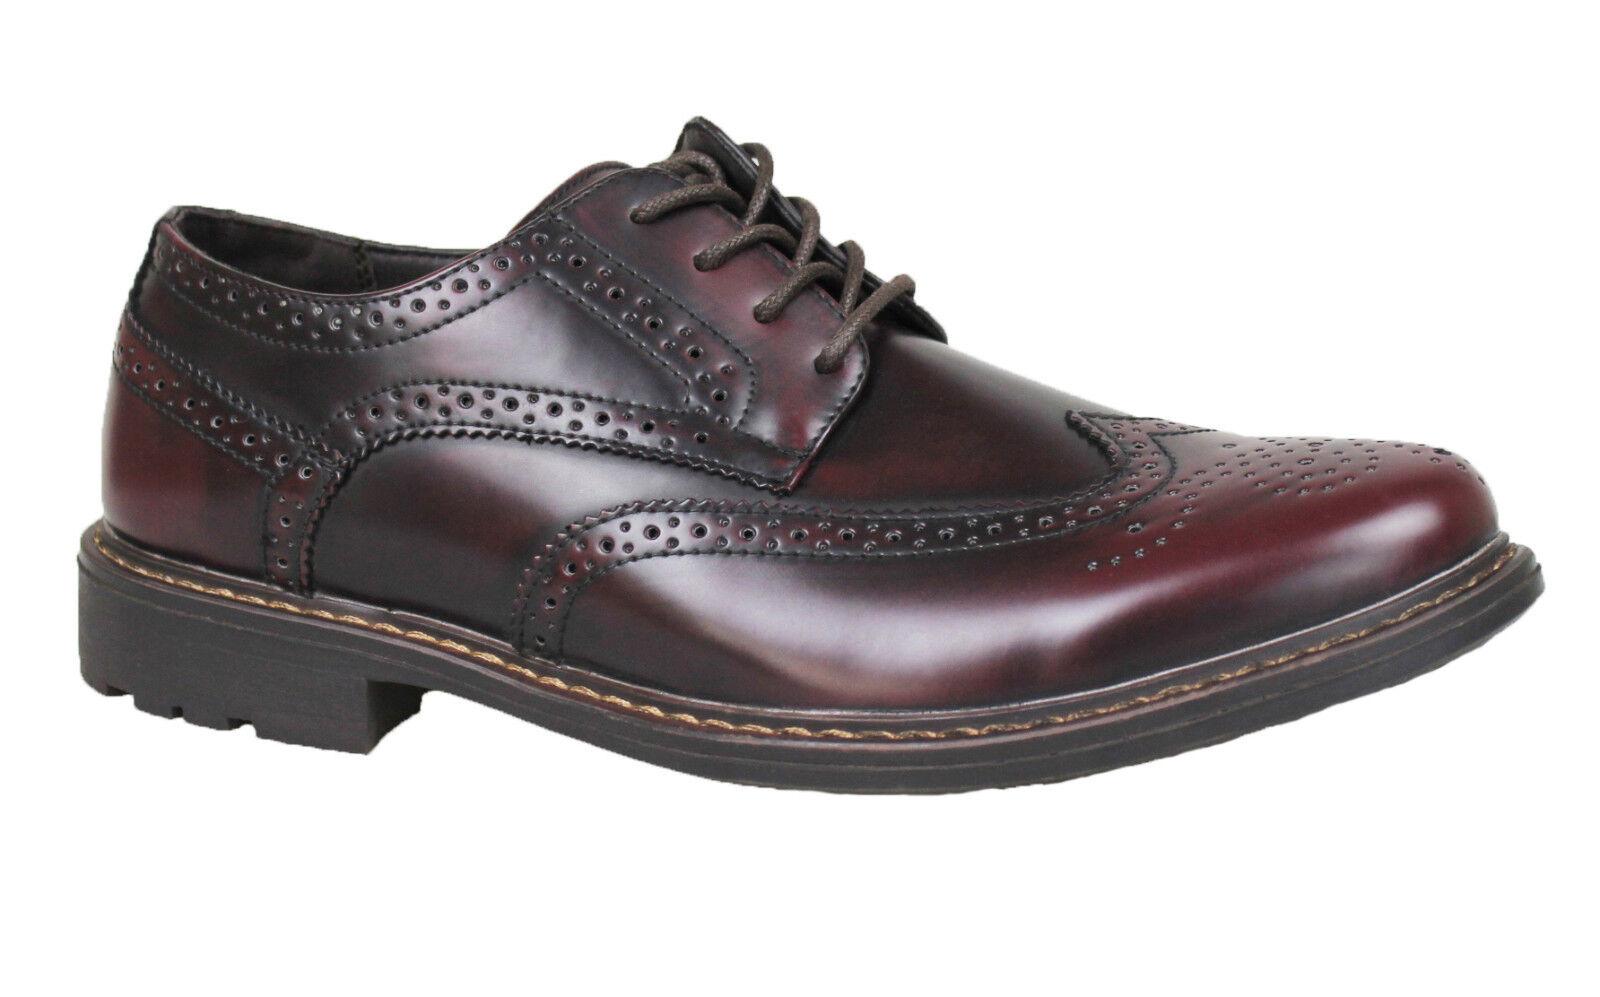 shoes OXFORD HOMBRE DIAMANTE BURDEOS CHAROL CASUAL ELEGANTES MAN'S shoes